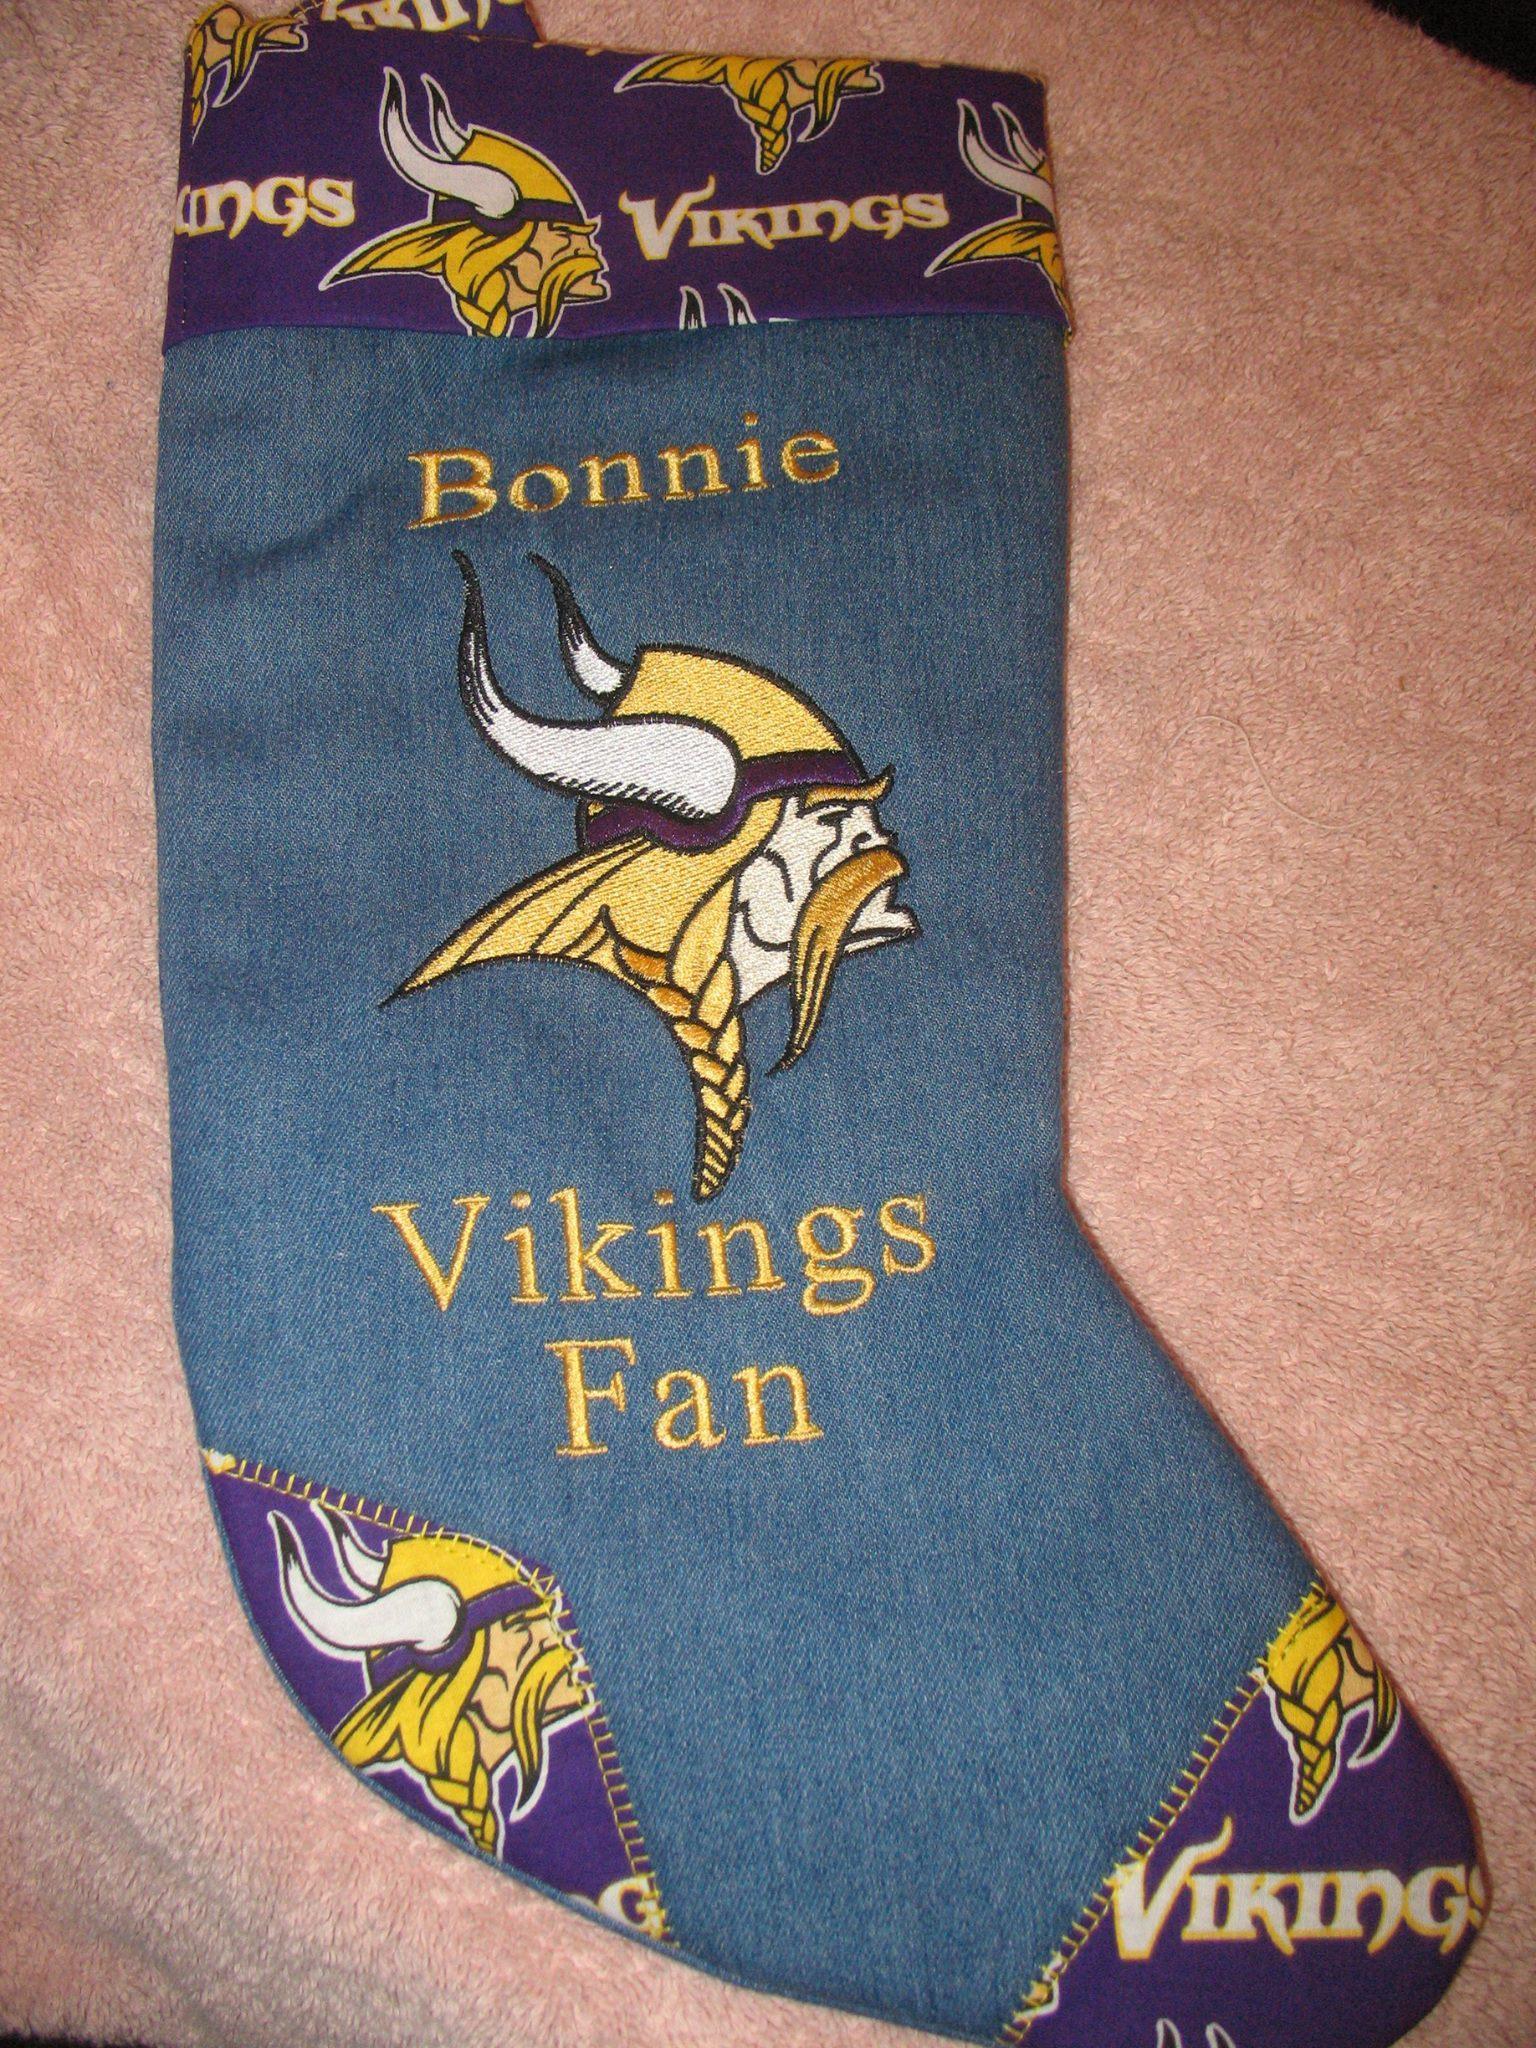 Socks with Minnesota Vikings